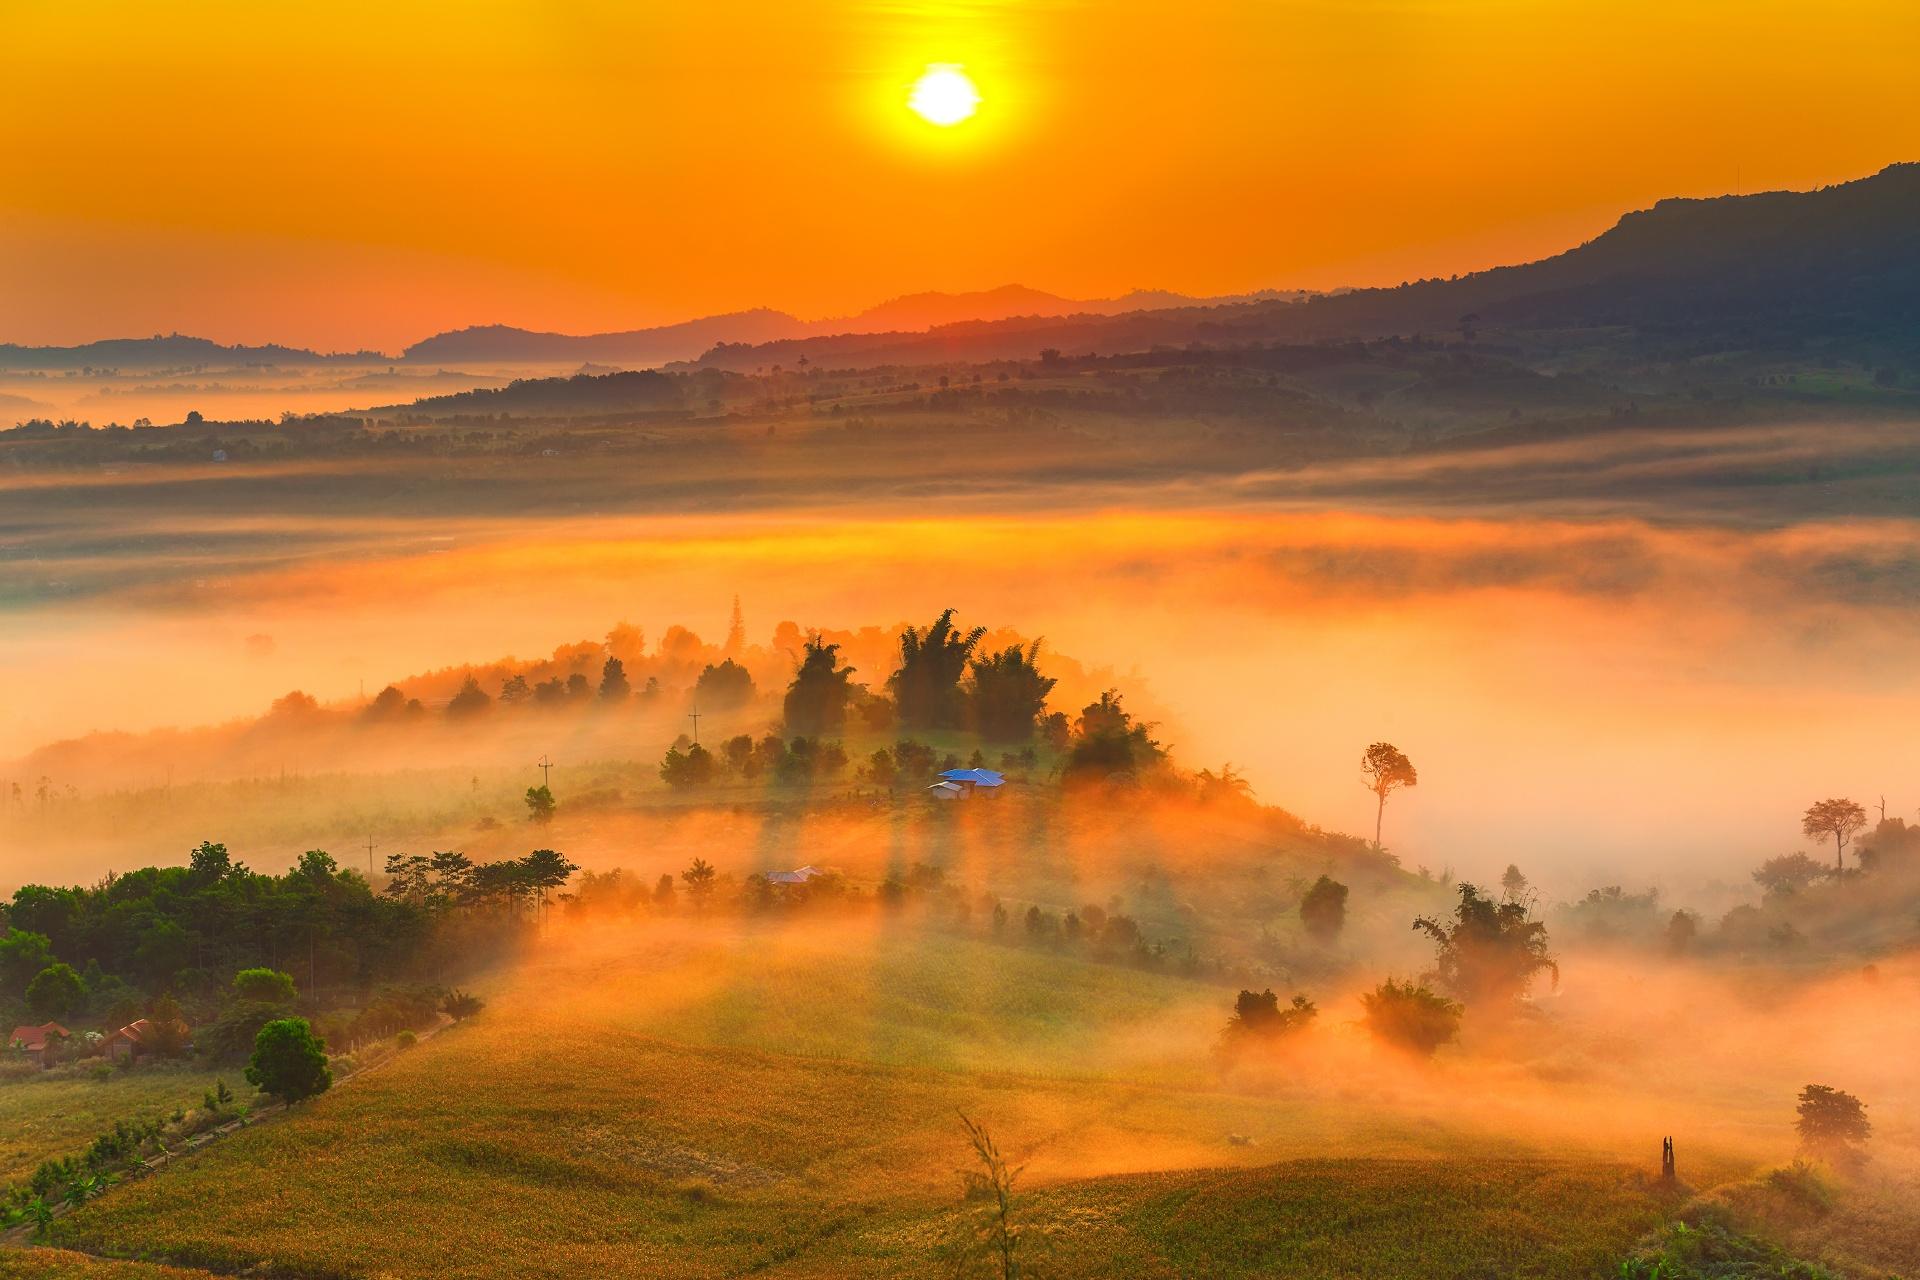 ペッチャブーン カオコーの朝の風景 タイの風景